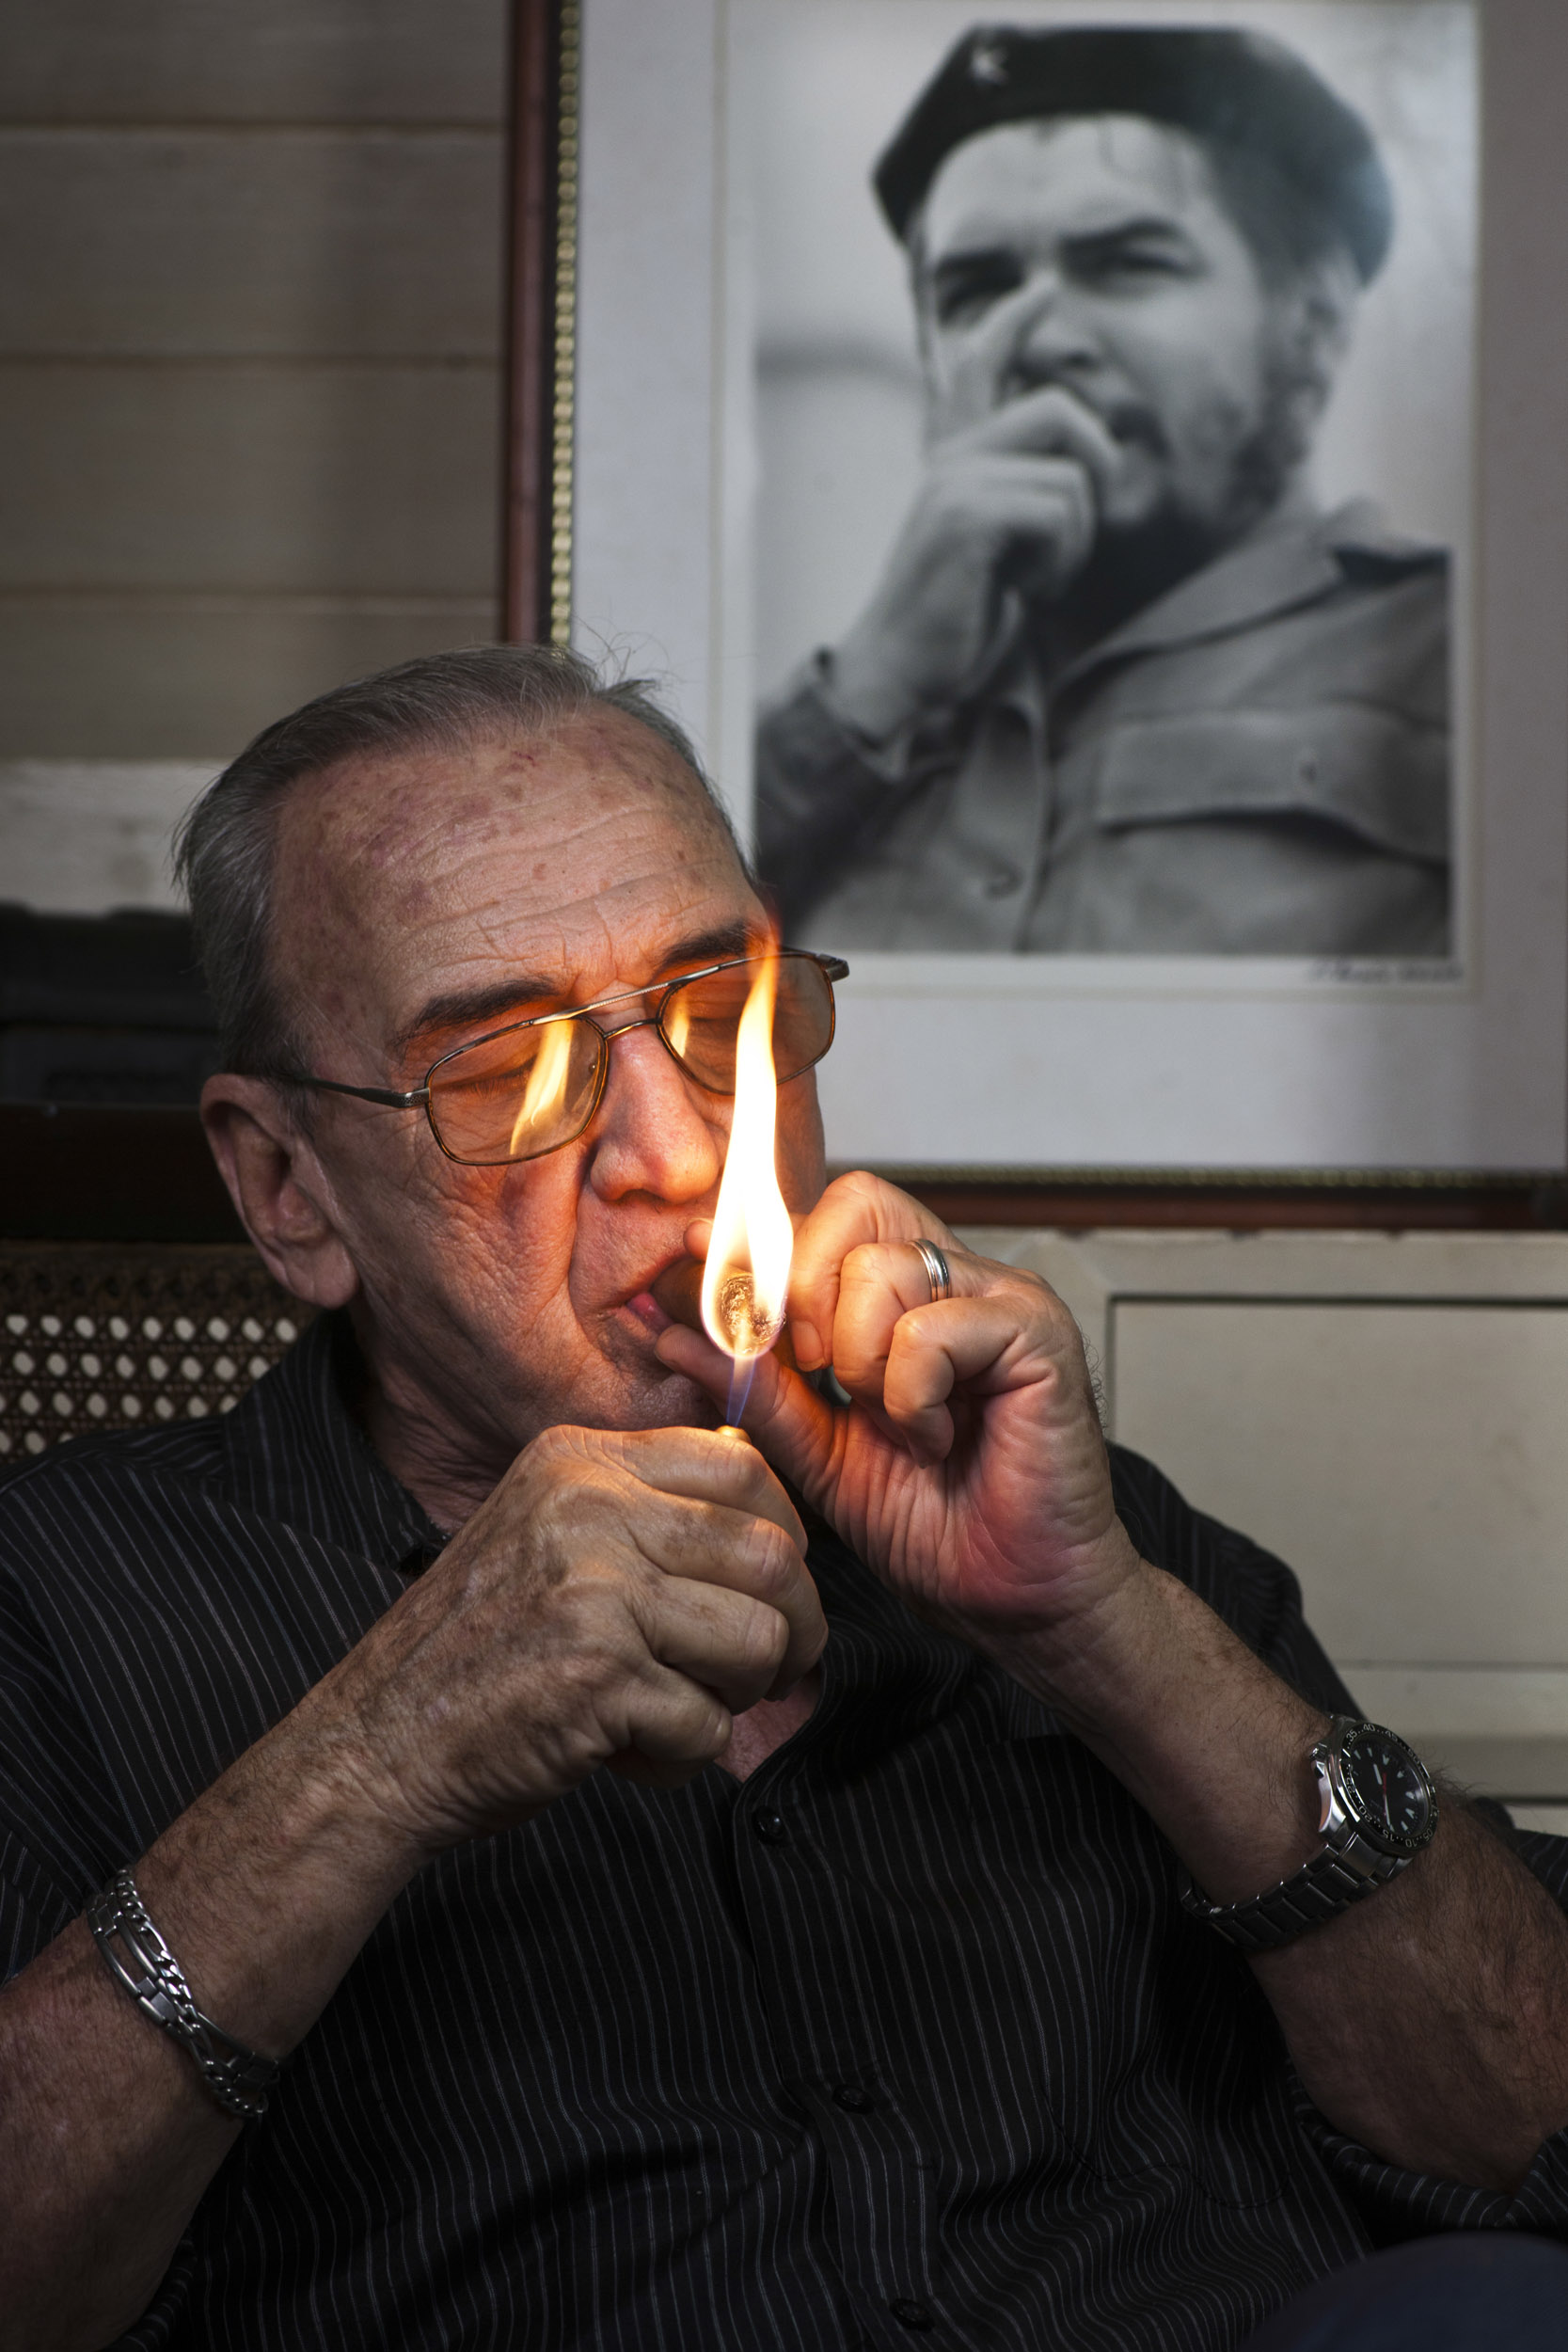 Liborio Noval, photographer - Illuminated Cuba - Hector Garrido, Aerial and human photography